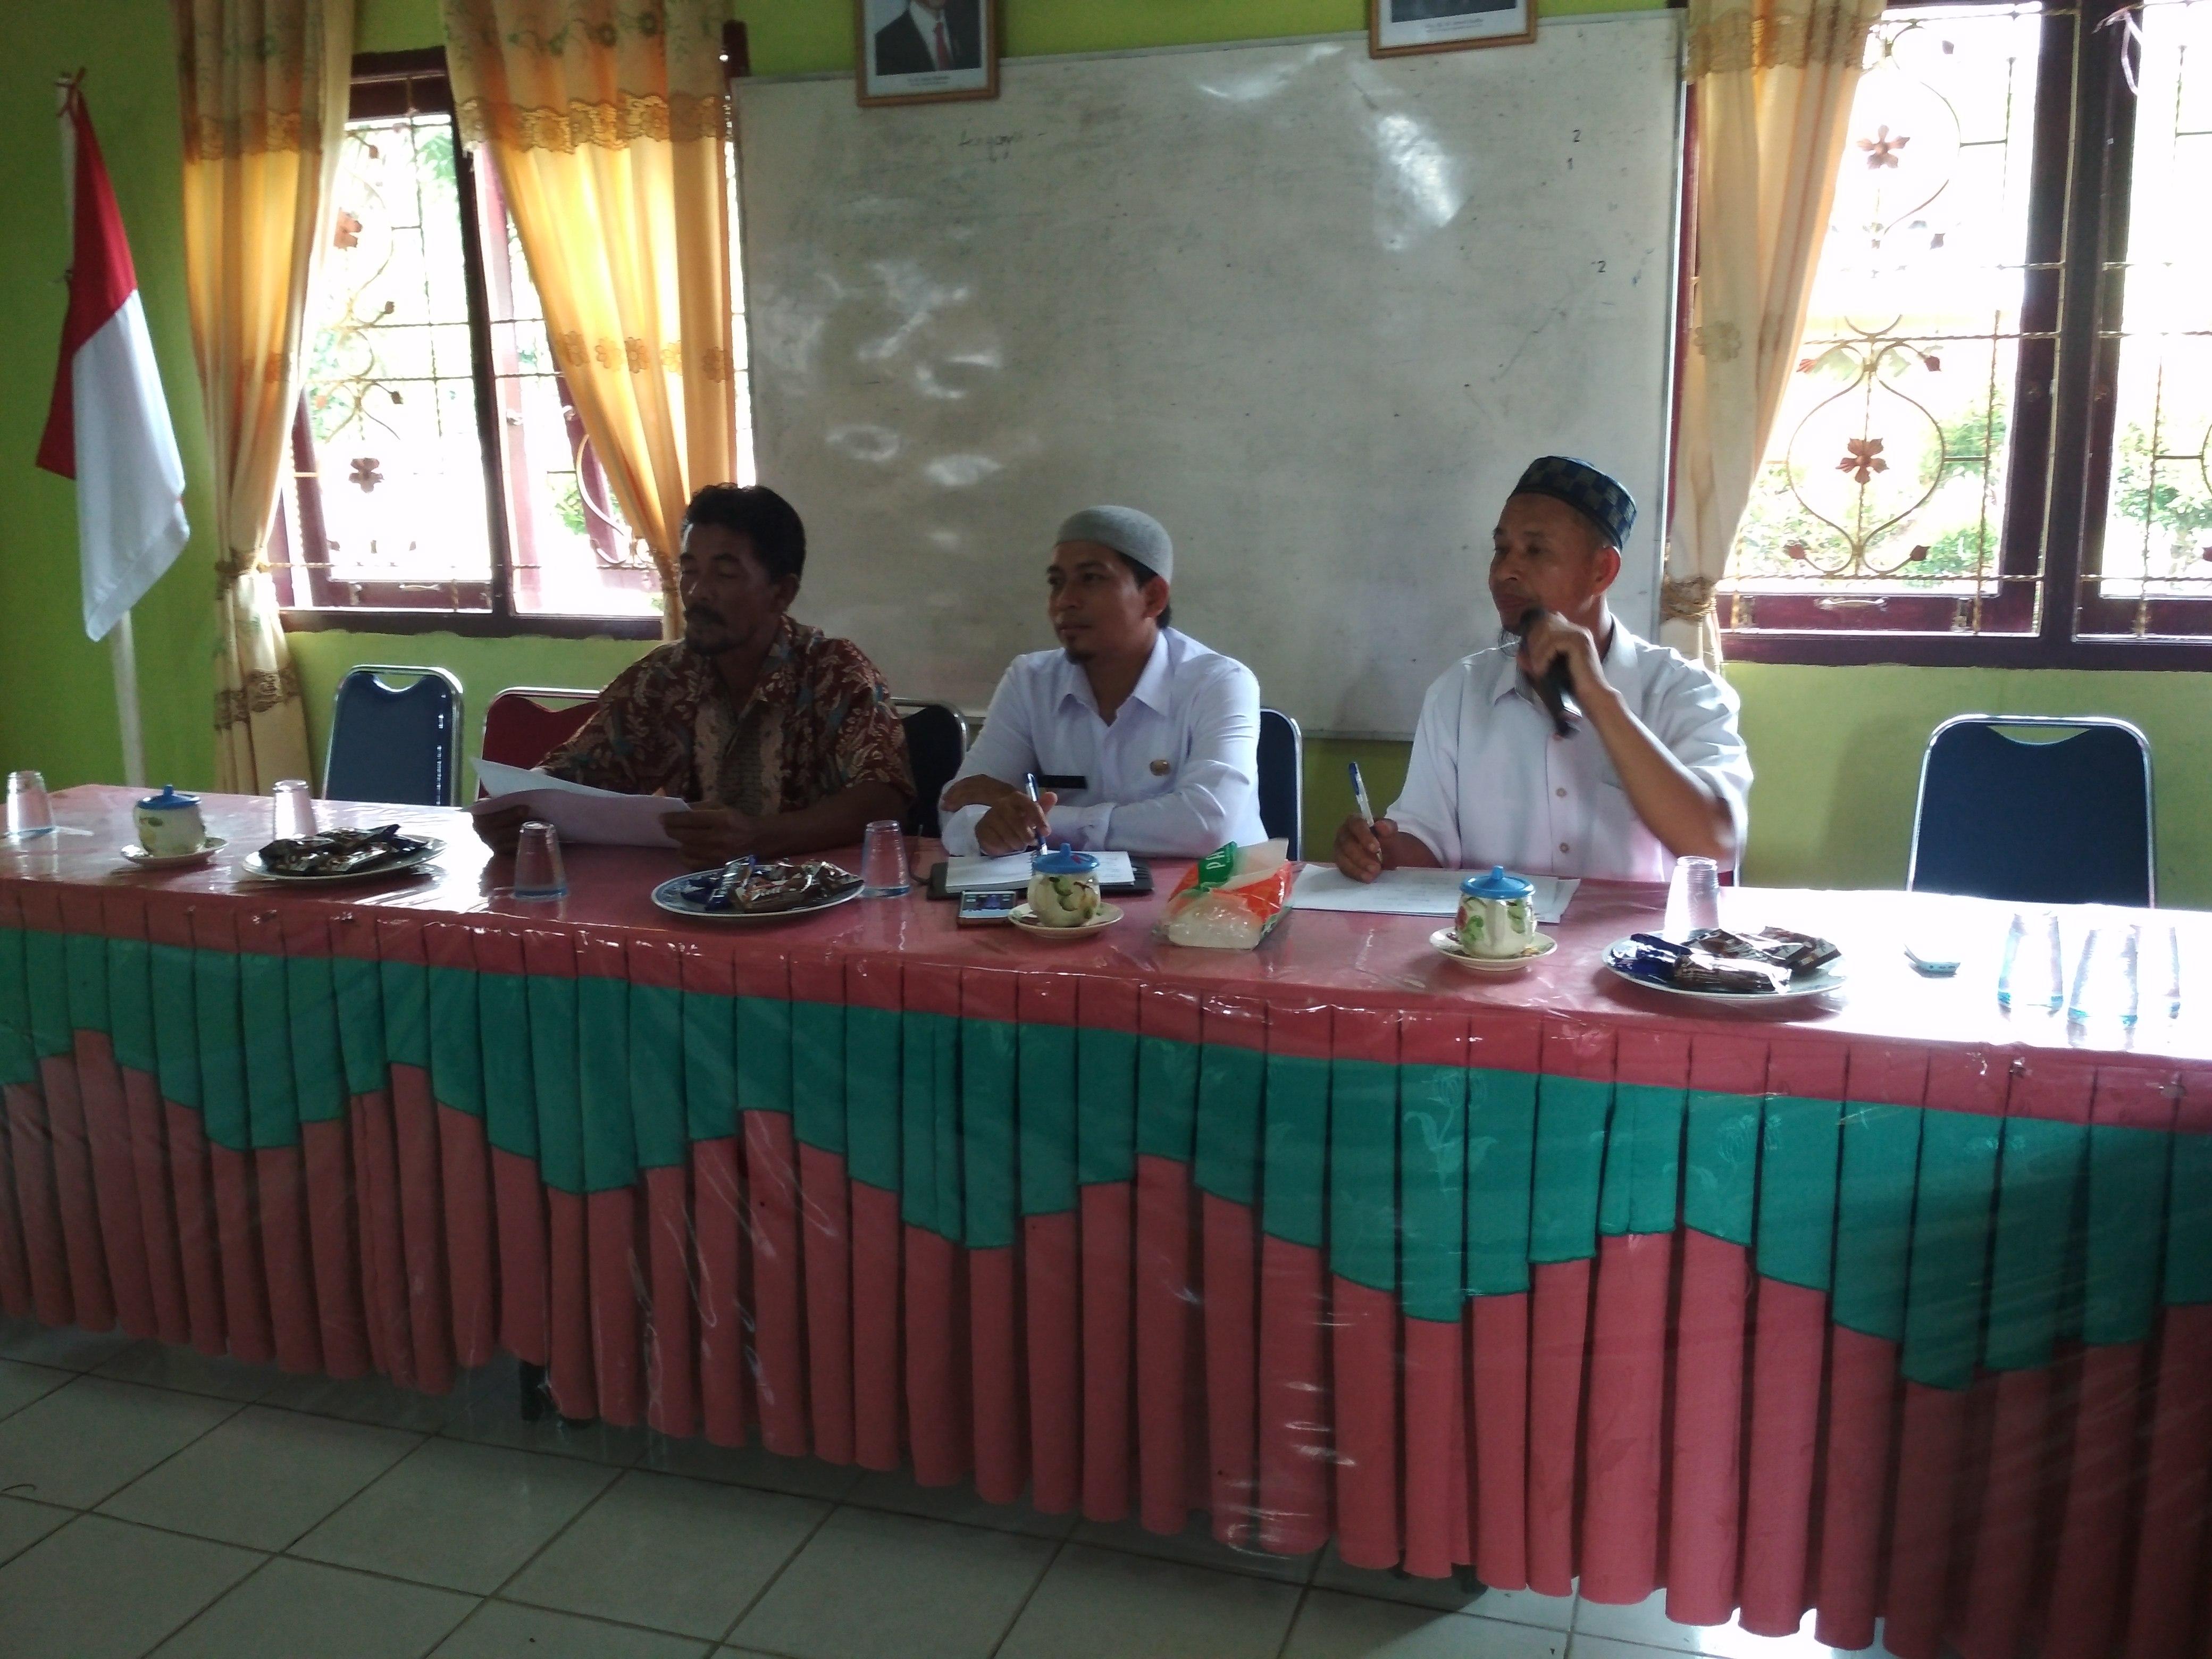 (Rapat dipimpin oleh Kepala Desa didampingi Sekdes dan Ketua BPD)